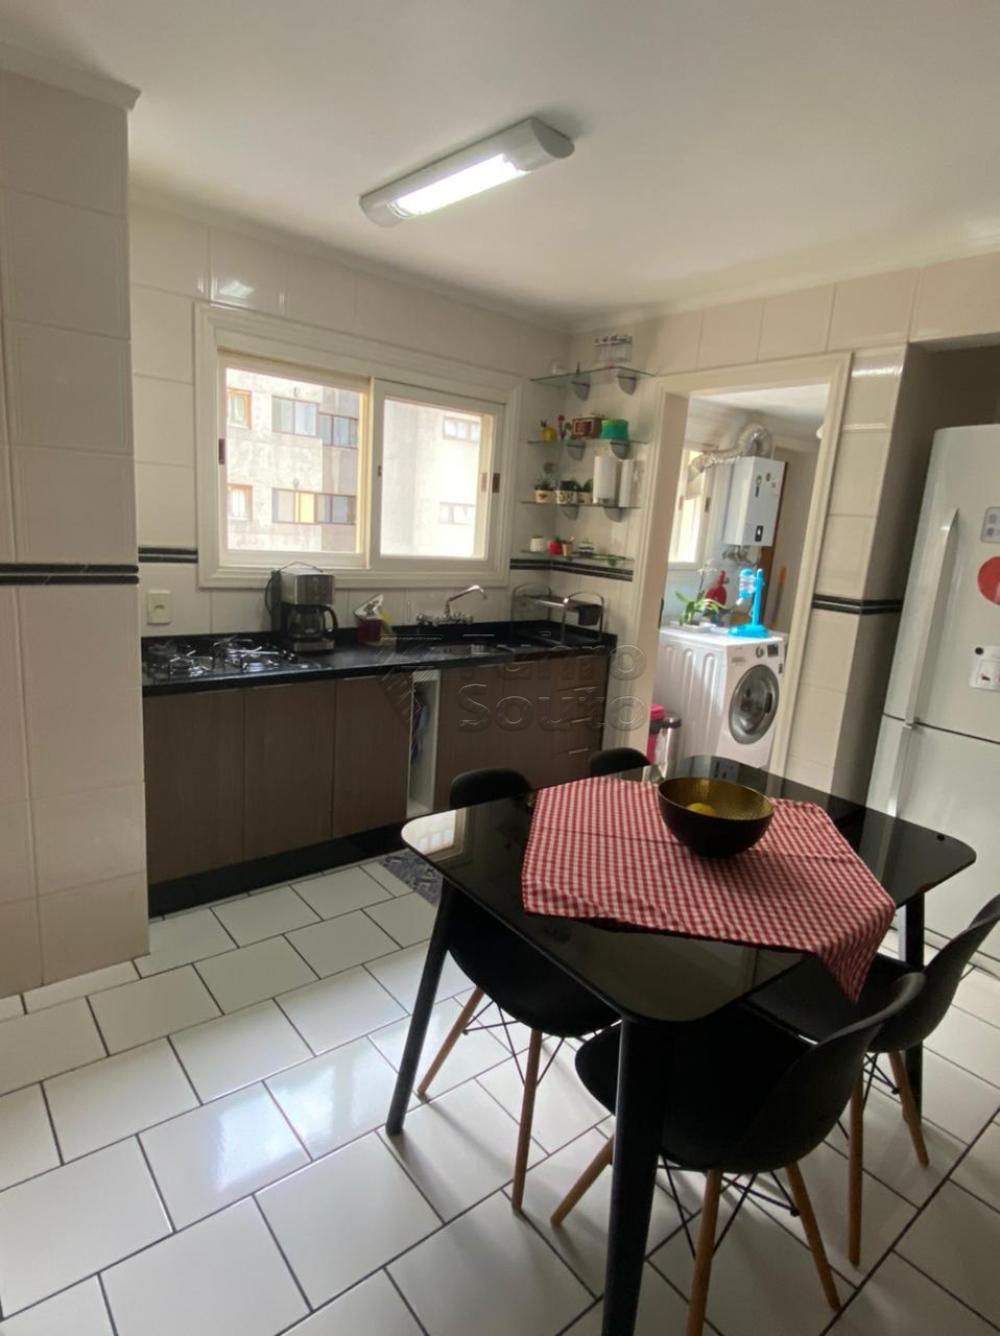 Comprar Apartamento / Padrão em Pelotas R$ 548.000,00 - Foto 6